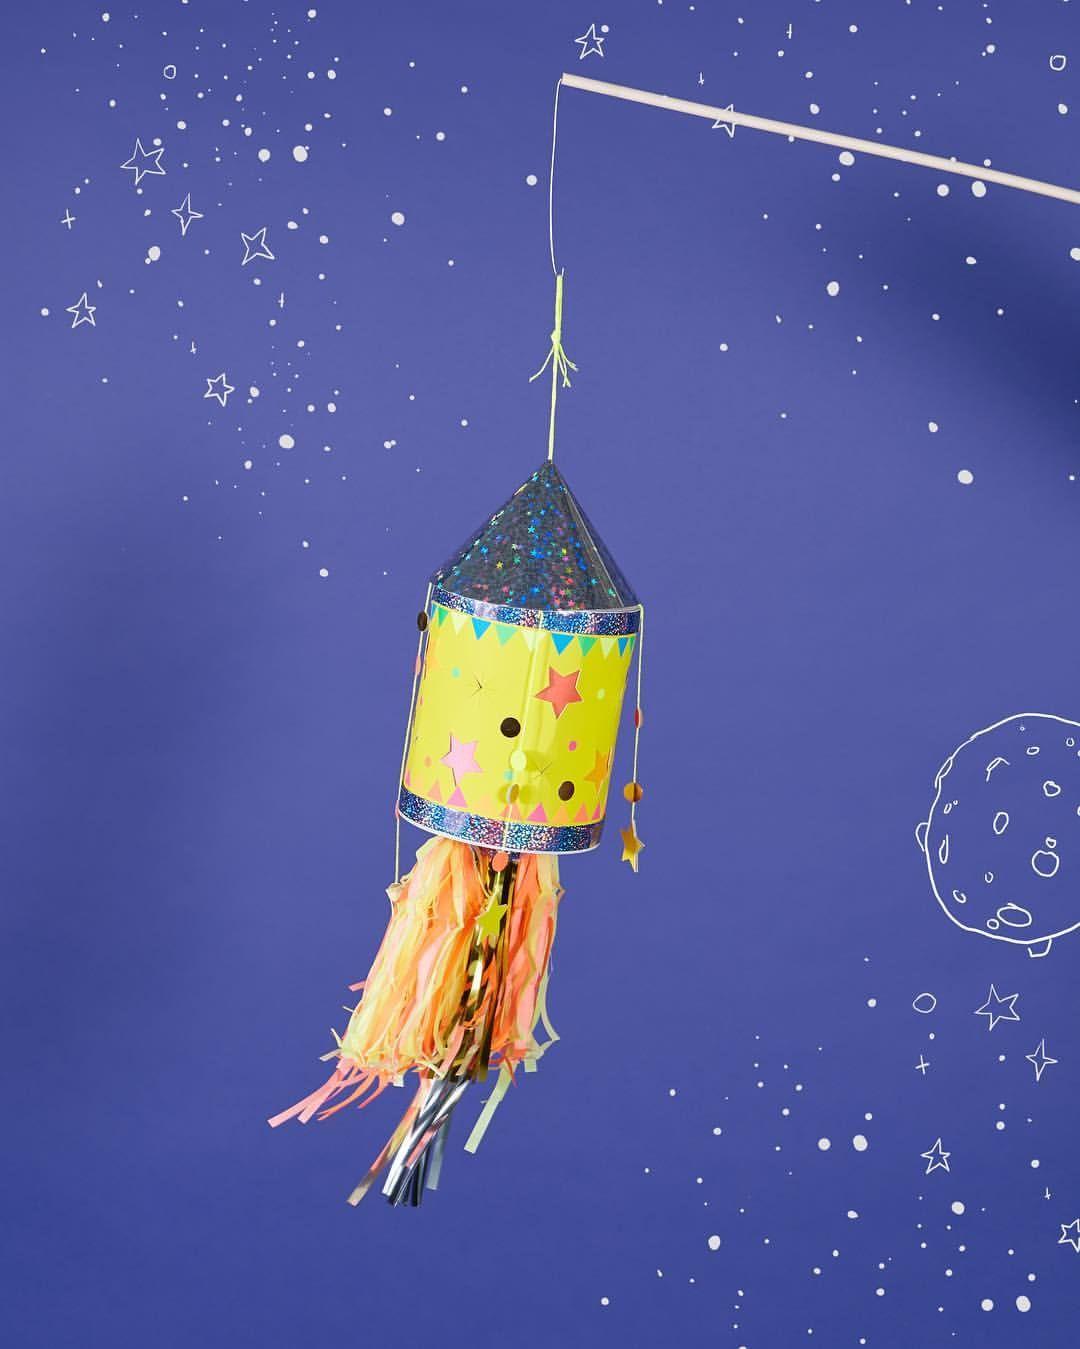 DIY Raketen Laterne mit Fransen für den Laternenumzug - von WLKMNDYS #laternebasteln